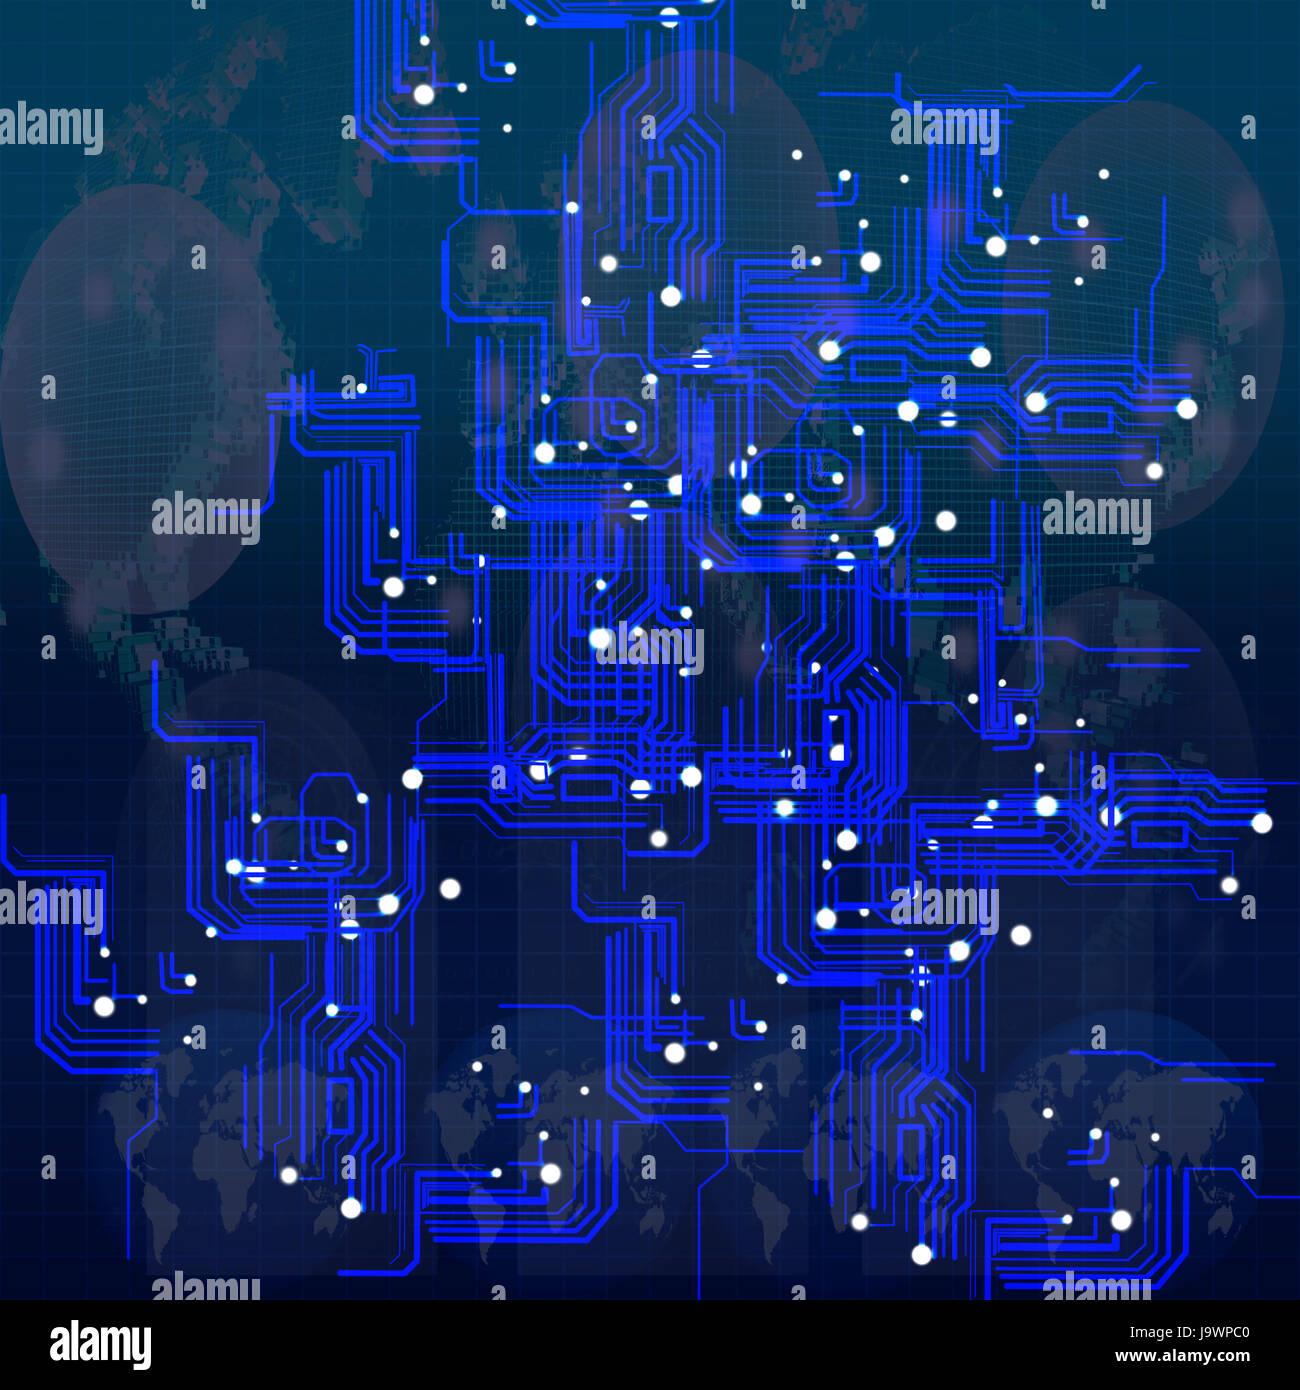 Circuito Eletronica : Circuito da moderna tecnologia eletrônica no mapa mundo usar para